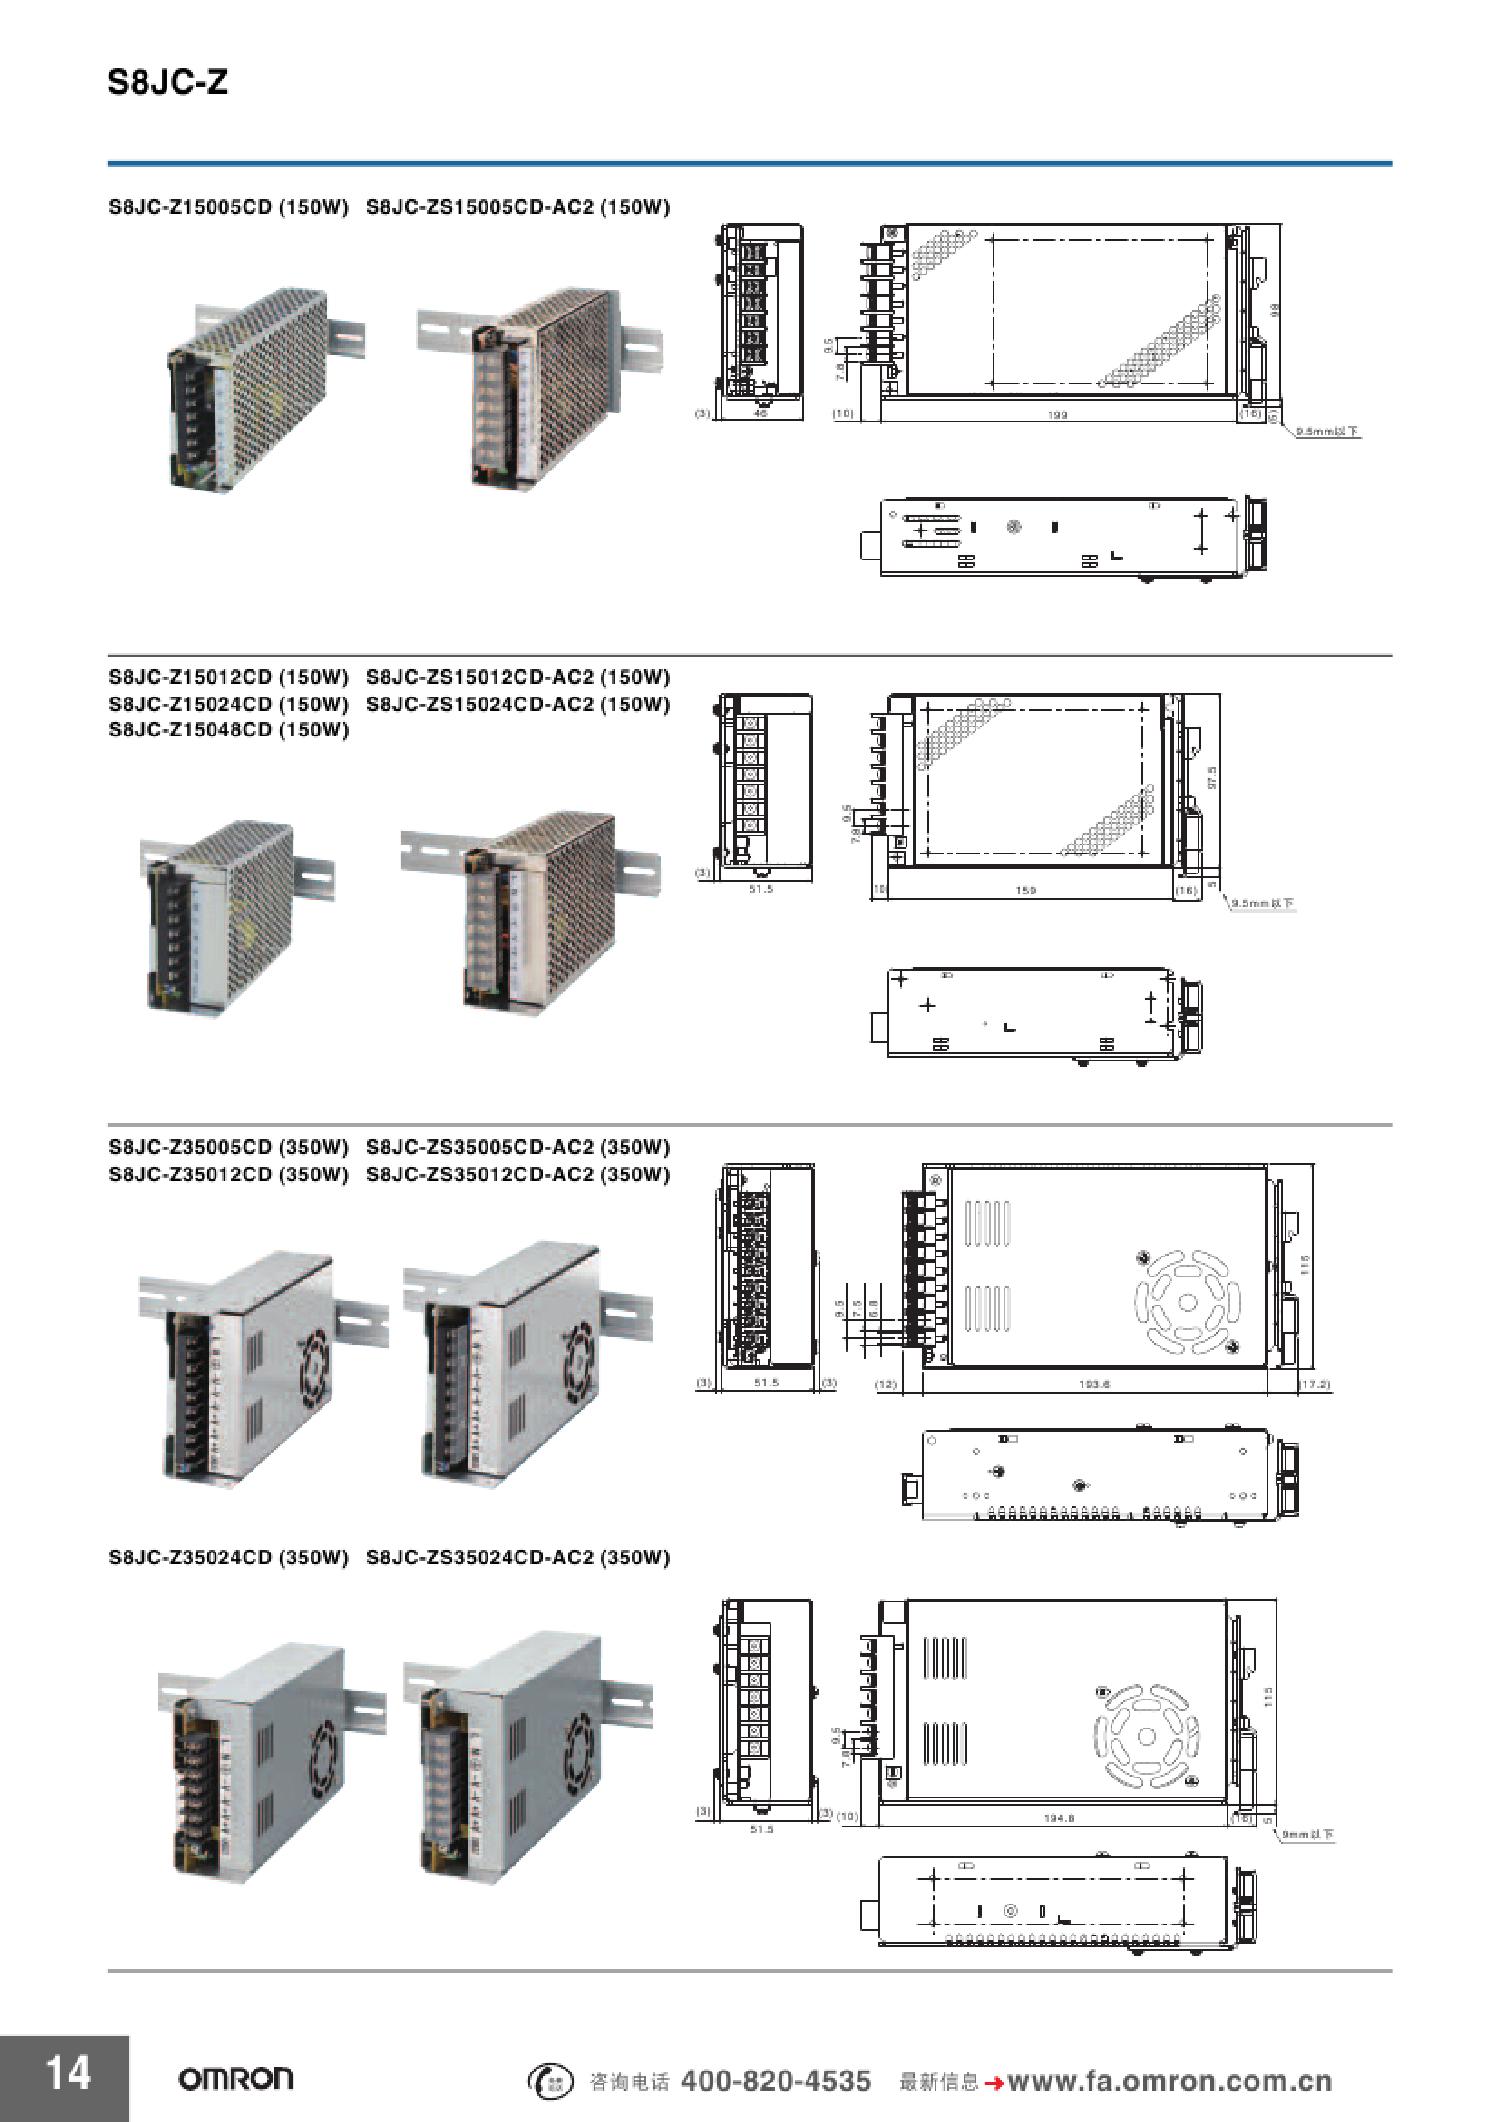 欧姆龙电源s8jc-z10024c 经济型 100w 底座安装 24vdc输出 开关电源